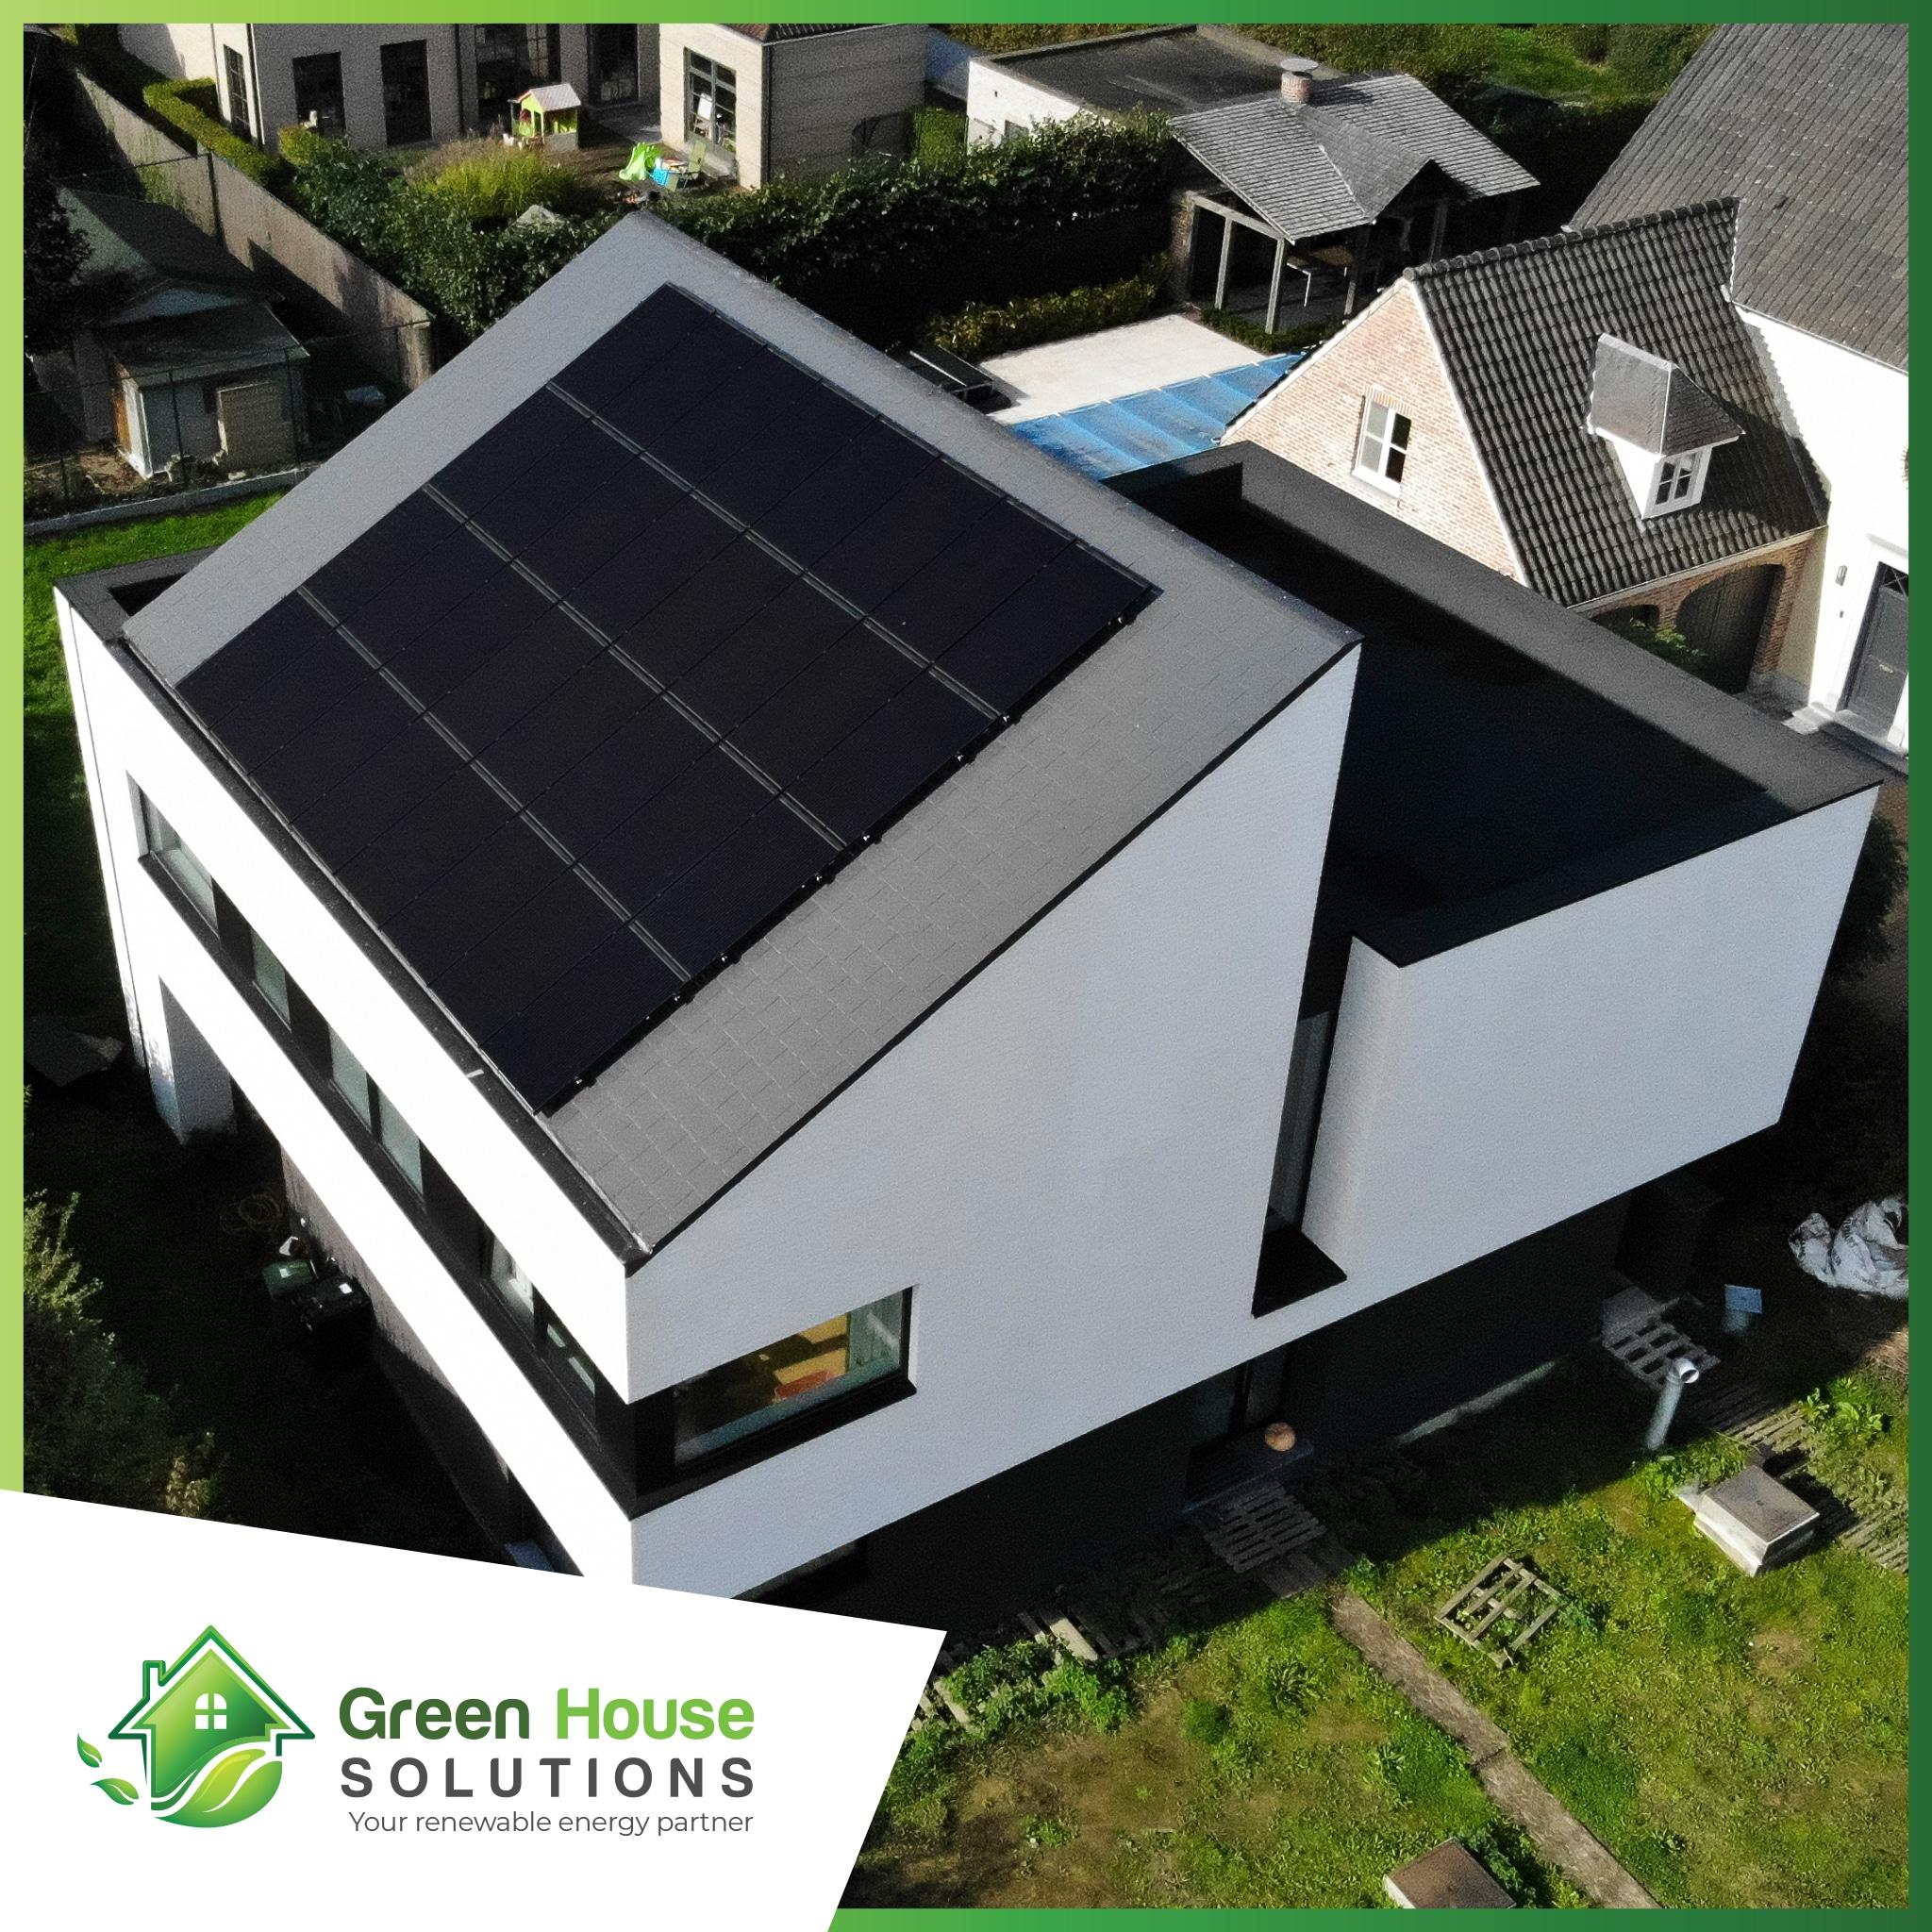 Green House Solutions zonnepanelen plaatsen installeren of kopen 00026